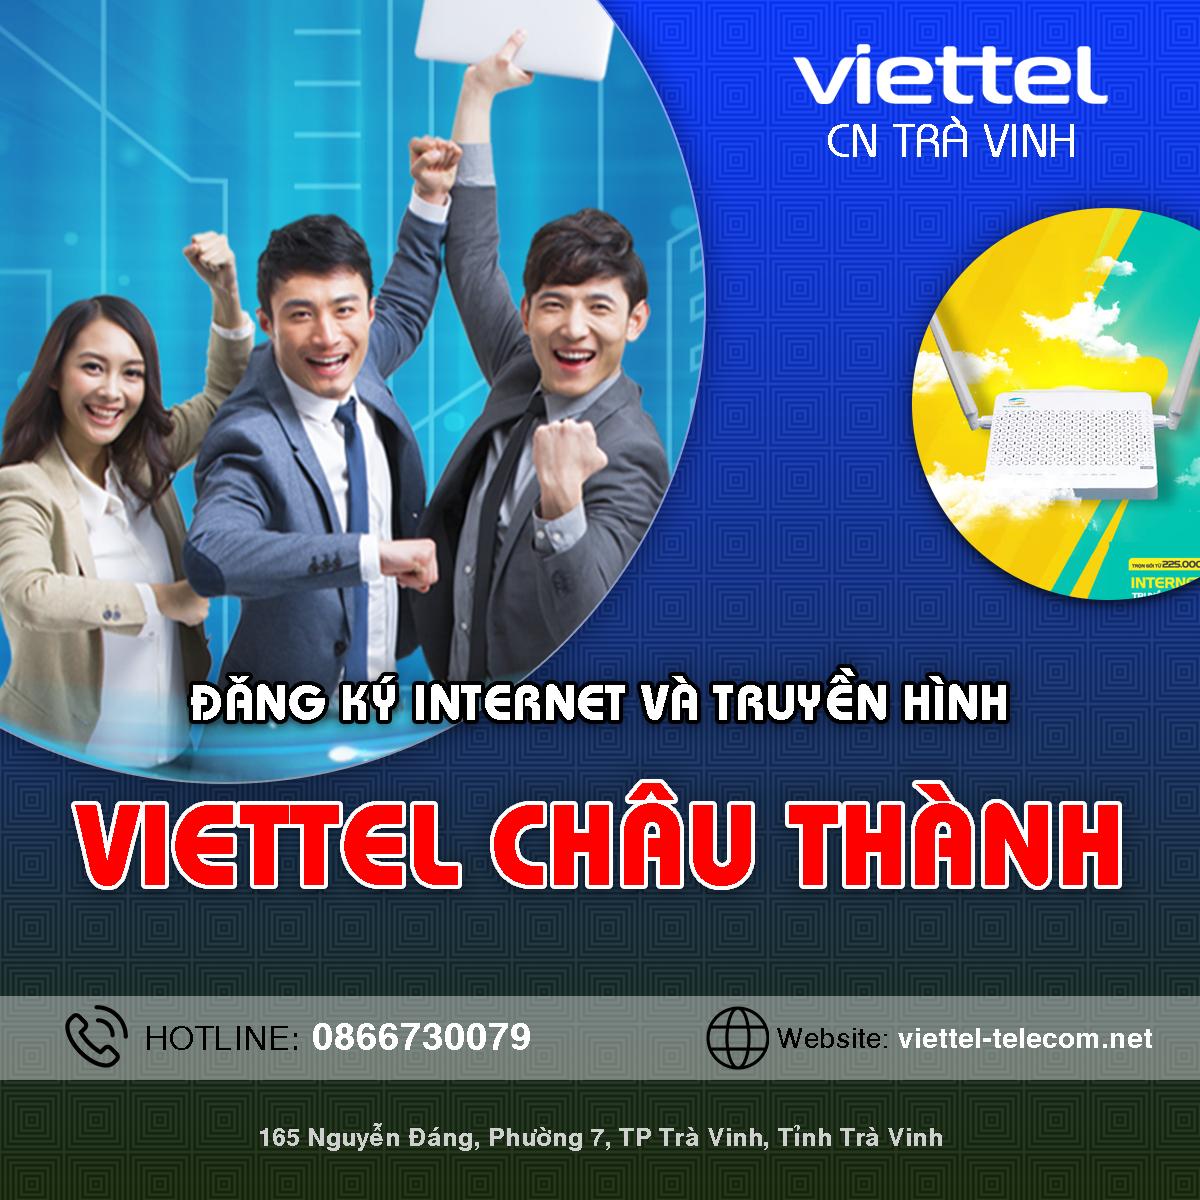 Cửa hàng Viettel huyện Châu Thành - Trà Vinh